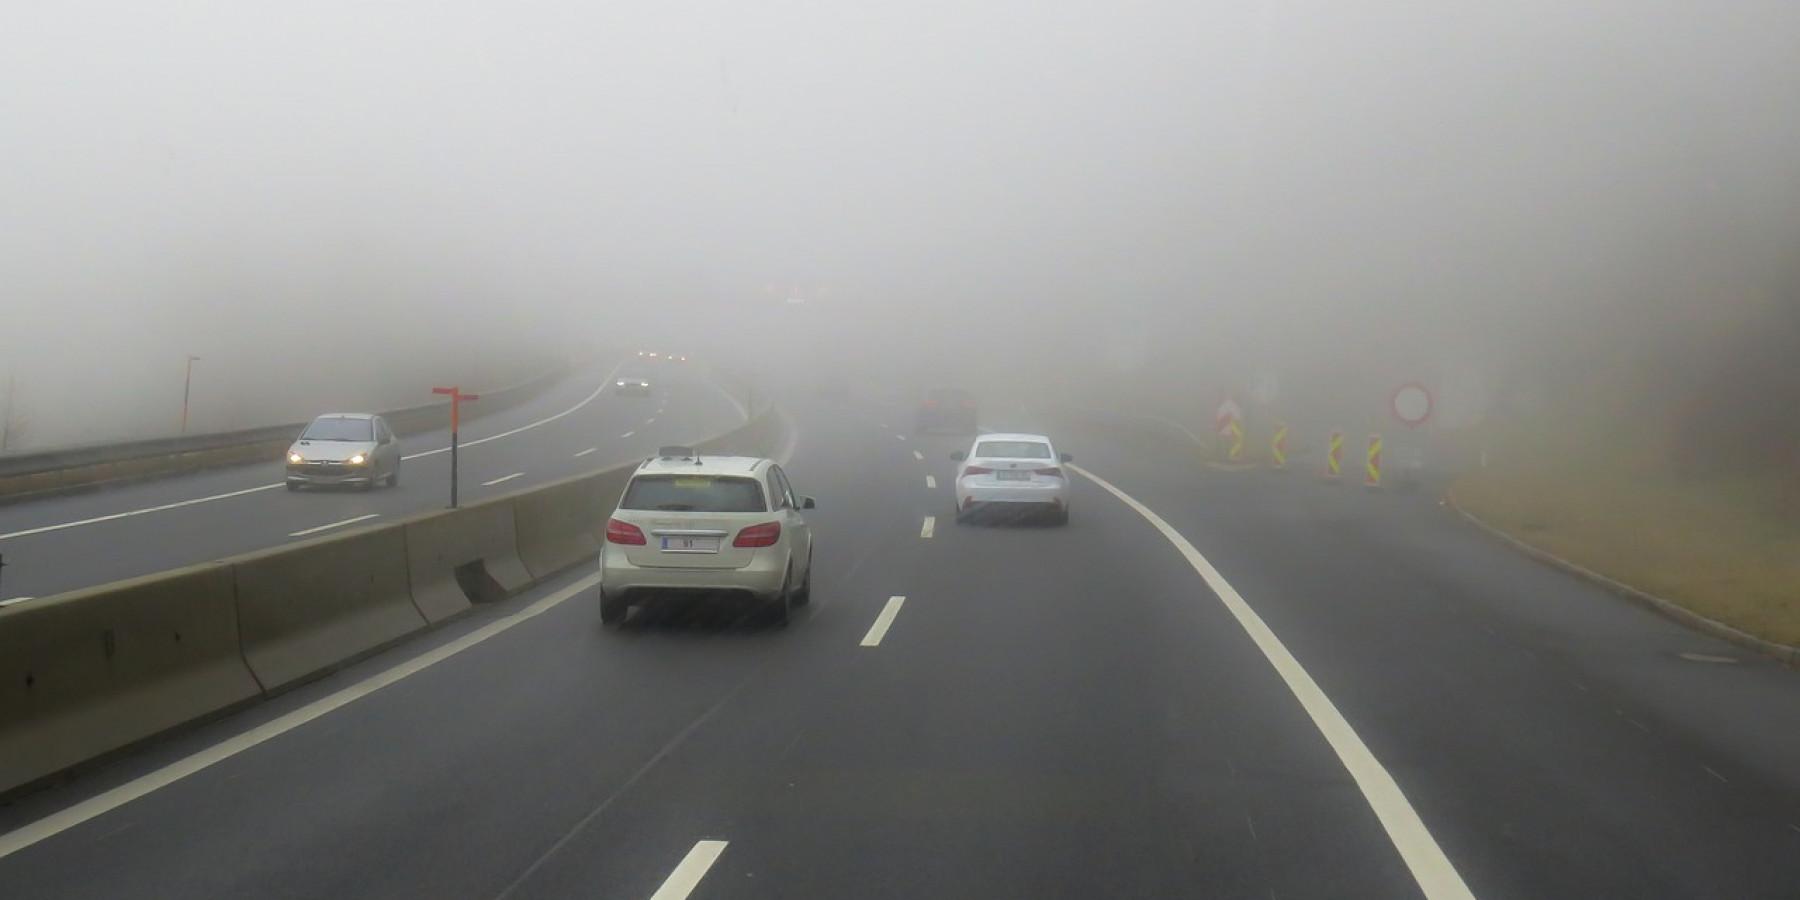 Mit 1,82 Promille über die Autobahn – aufmerksame Zeugen melden betrunkenen Autofahrer